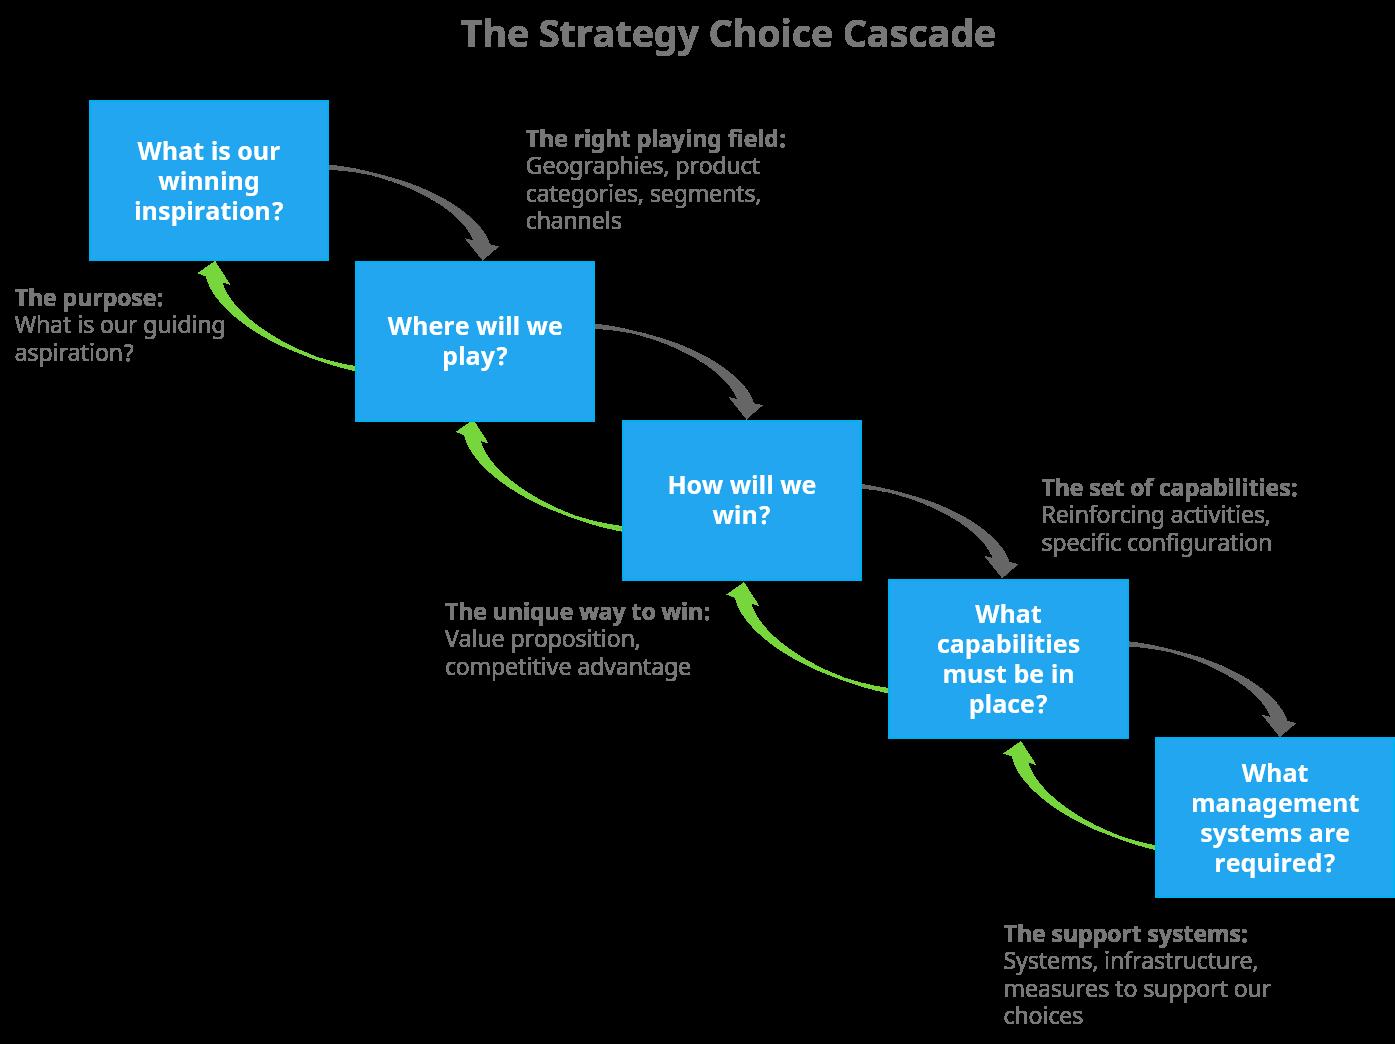 The strategy choice cascade